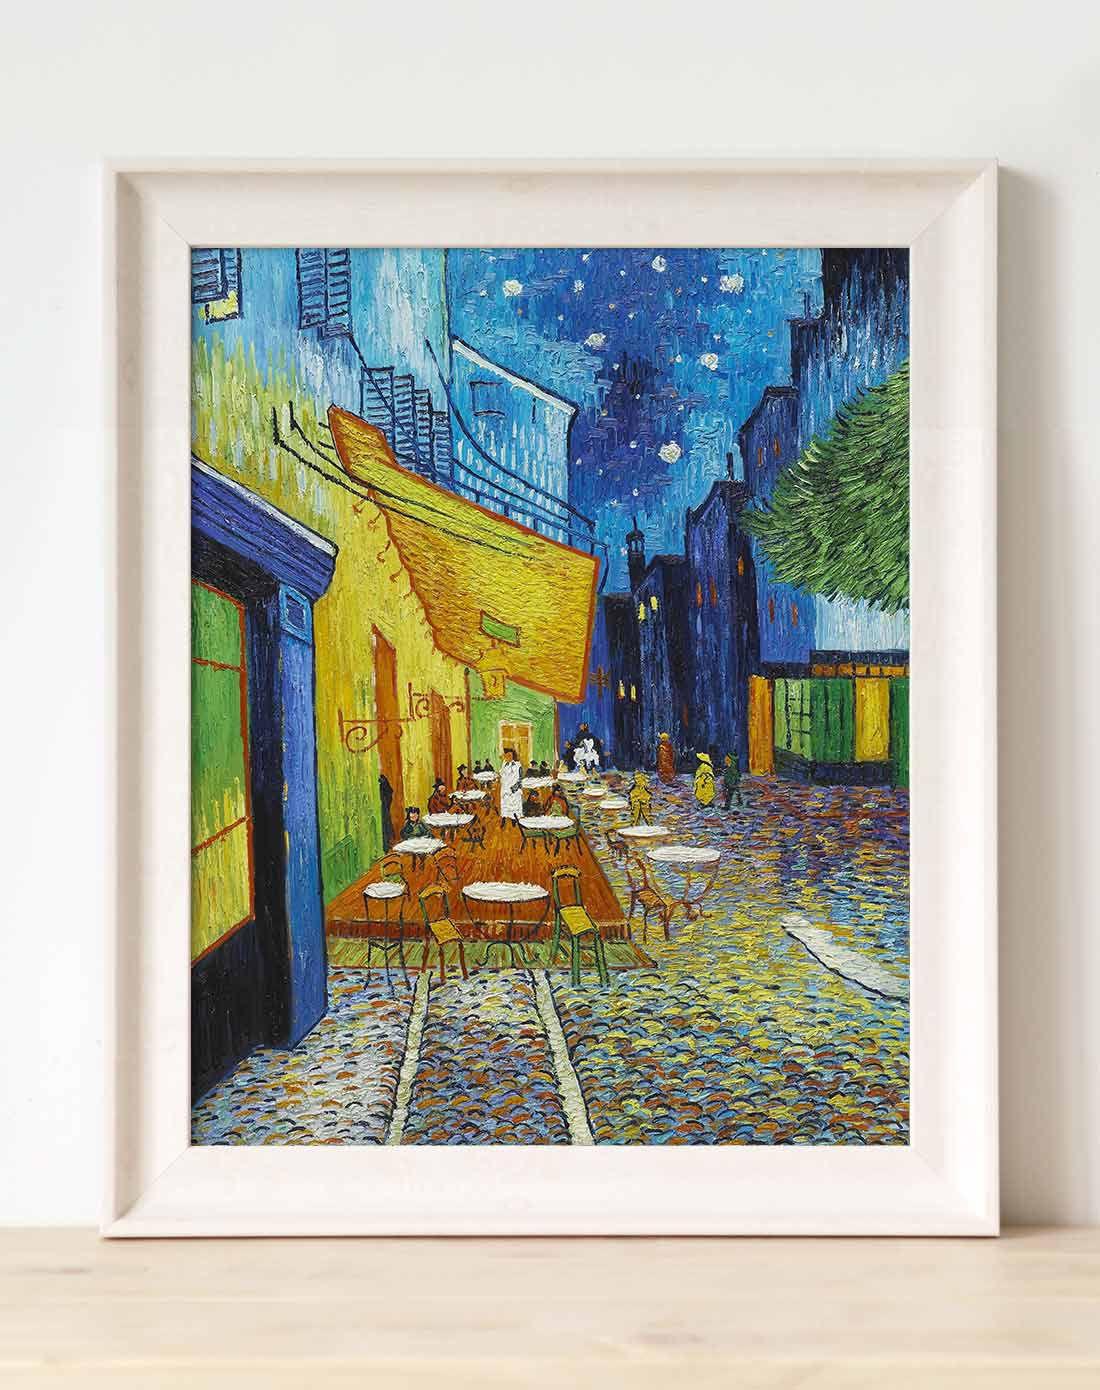 梵高 咖啡馆 简约美式油画餐厅装饰画图片